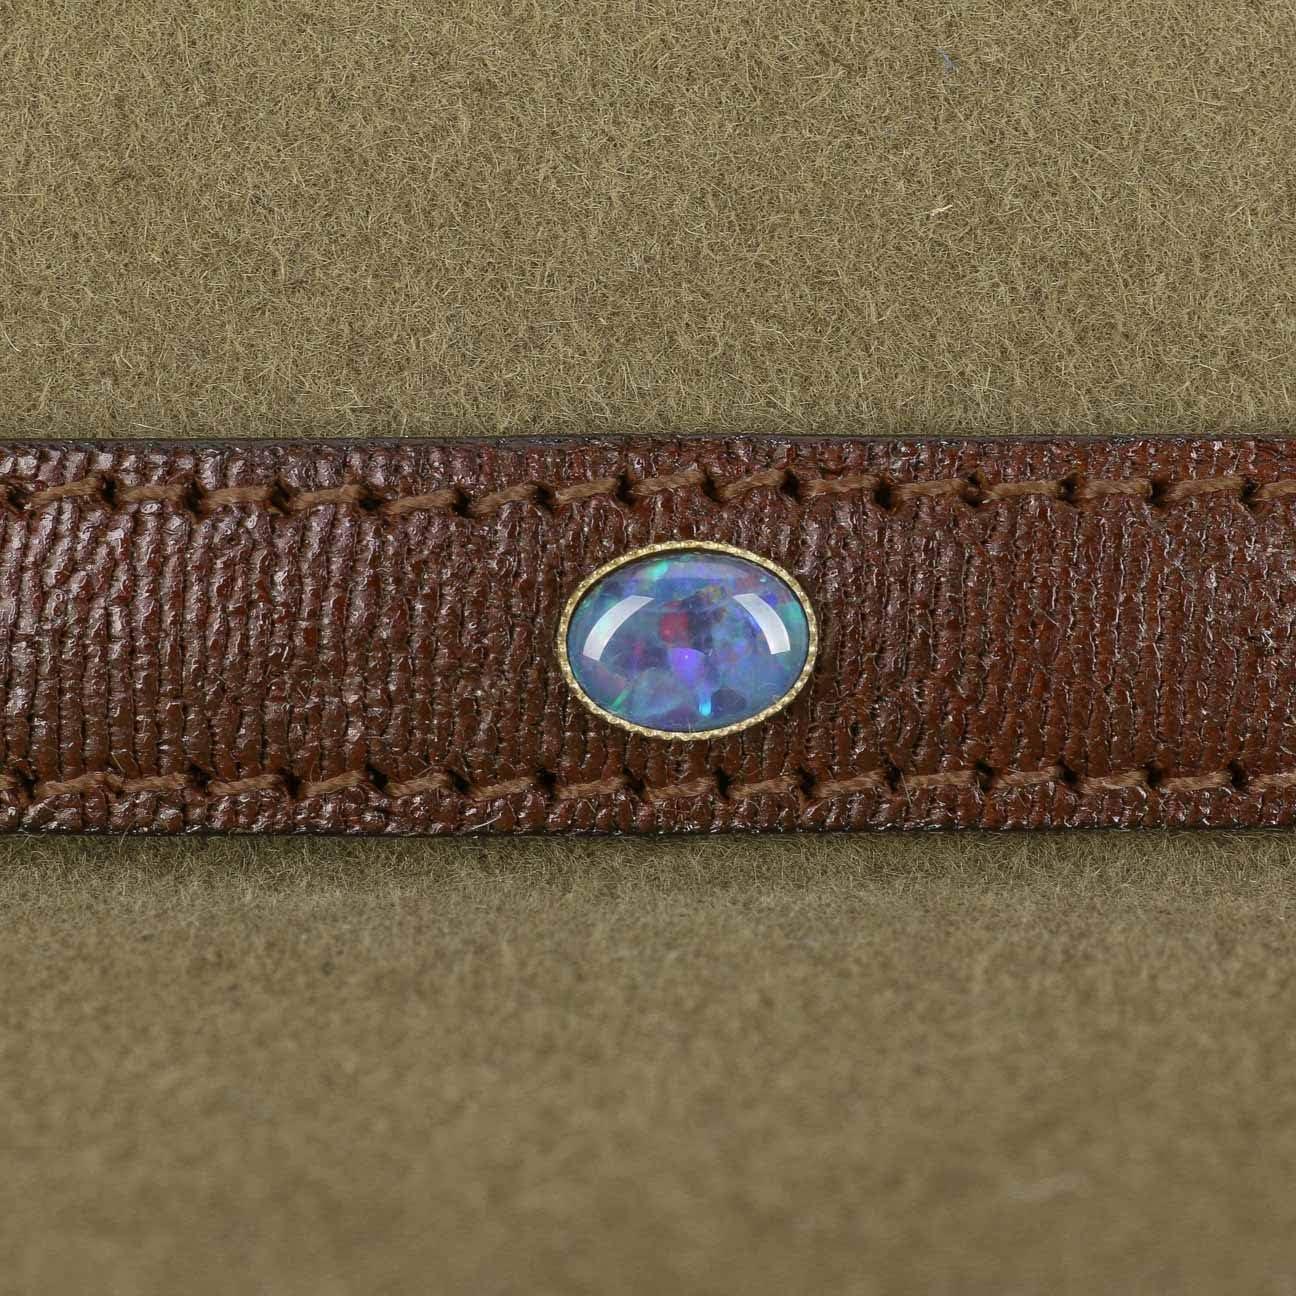 Akubra Coober Pedy Filzhut mit Opal aus Australien Sand